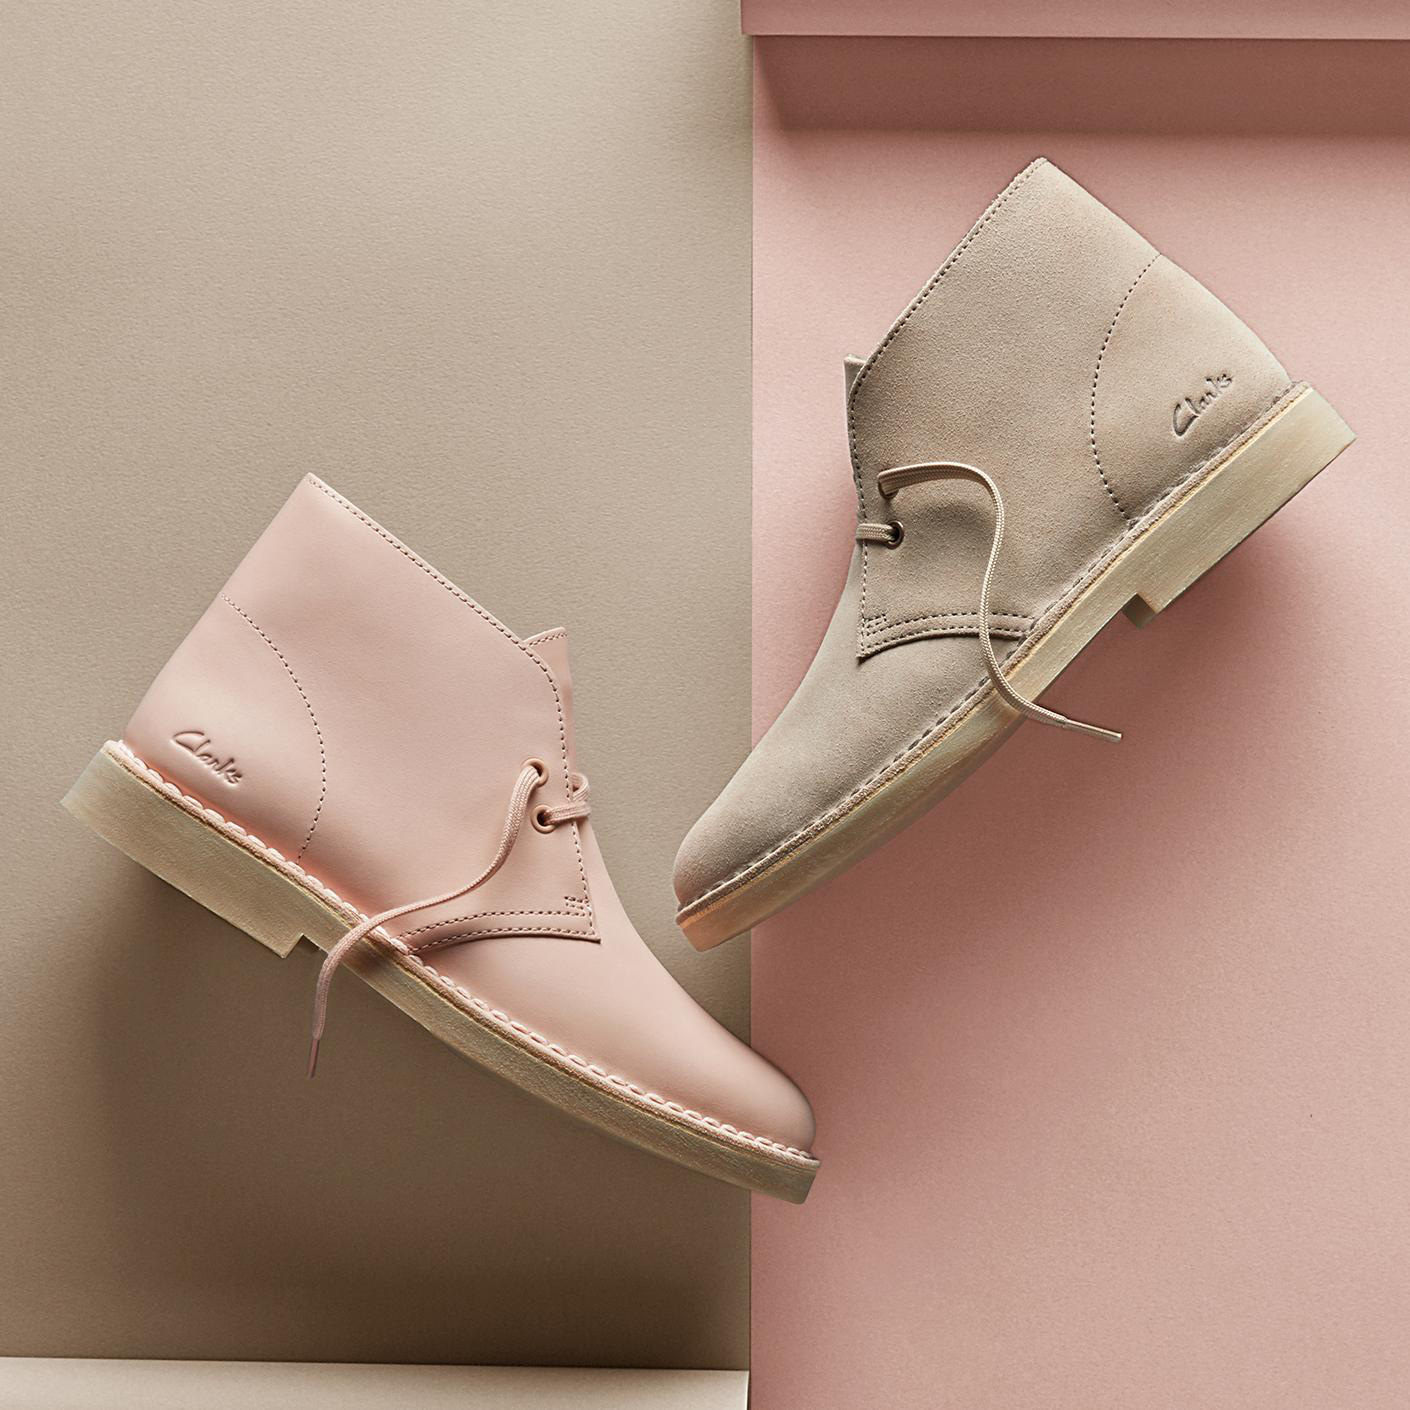 Anh Tú, Khánh Vy đồng hành cùng Desert Boot - đôi giày không tuổi của thương hiệu Clarks - Ảnh 9.